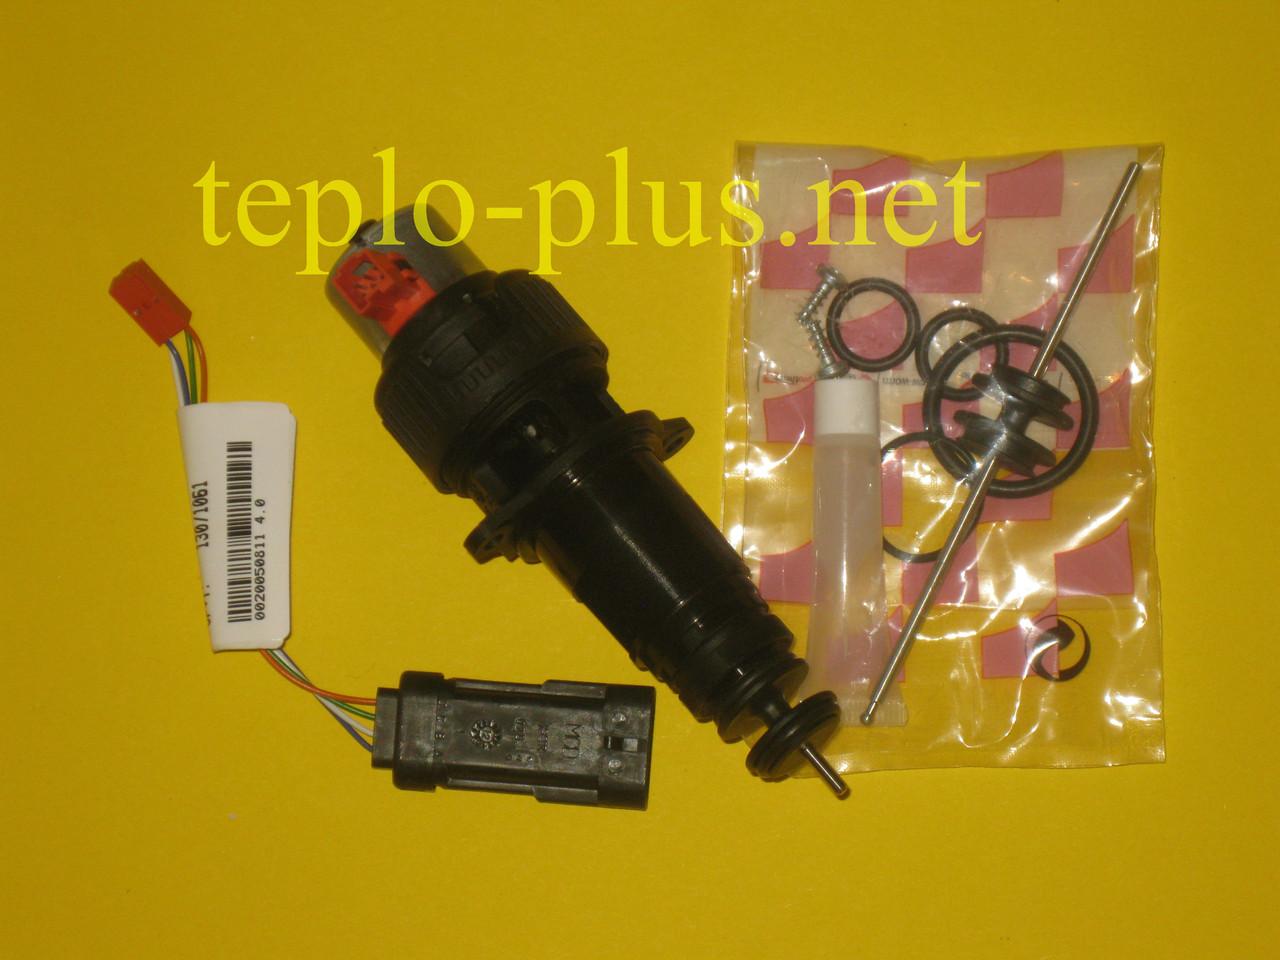 Ремкомплект трехходового клапана 0020136956 (0020133228) Saunier Duval Isofast, Semia, Isotwin, Themafast